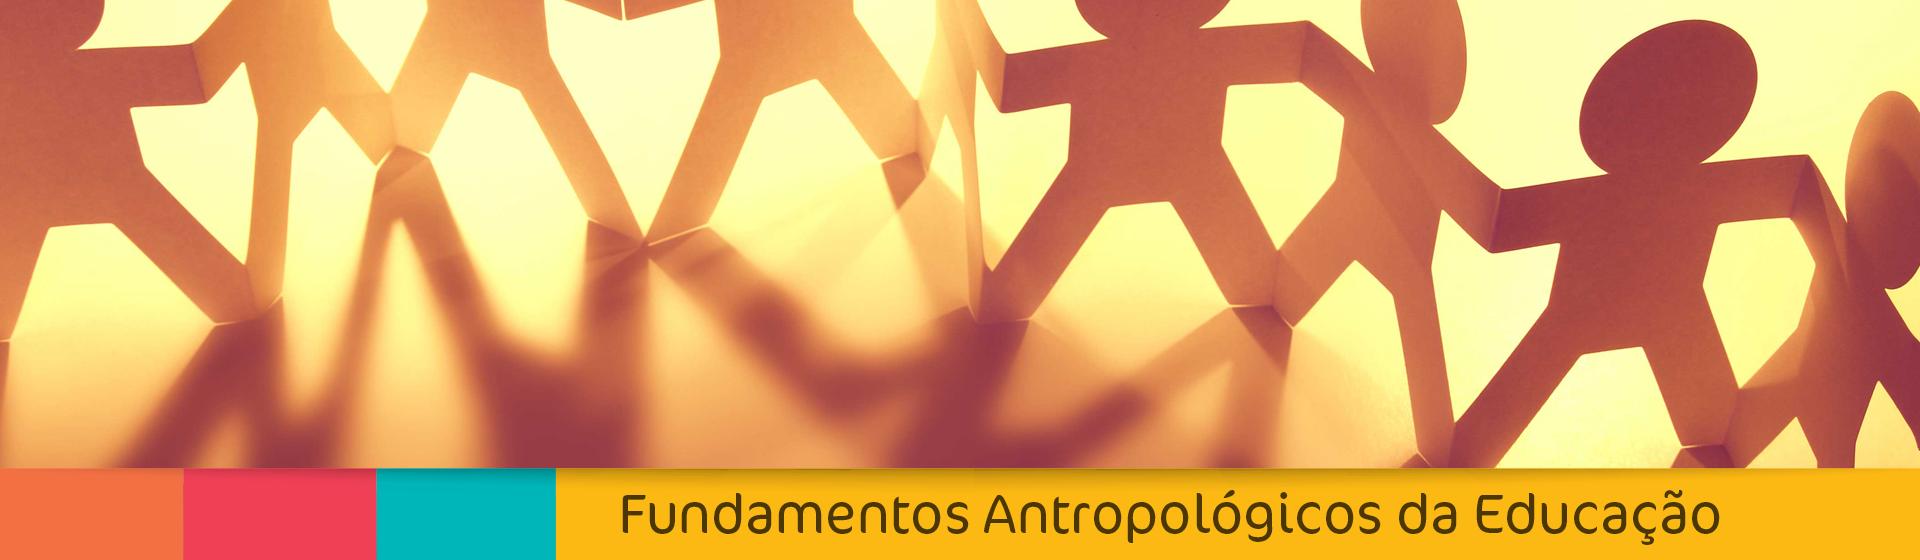 Fundamentos antropologicos educacao 1